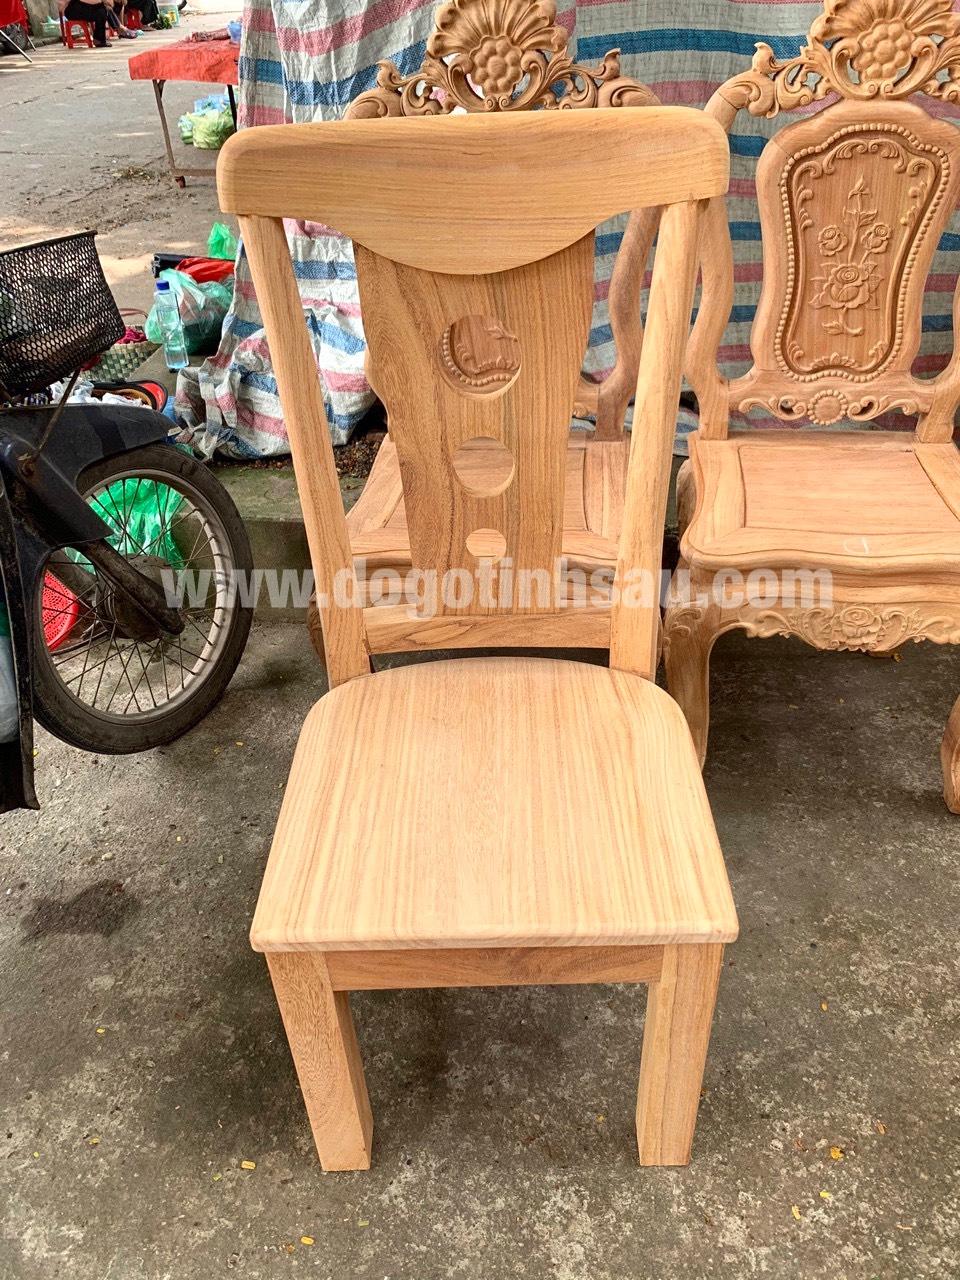 mau ghe an go go do 17 - 5 Lý do để mẫu bàn ghế ăn gỗ gõ đỏ ngày càng được ưa chuộng trên thị trường